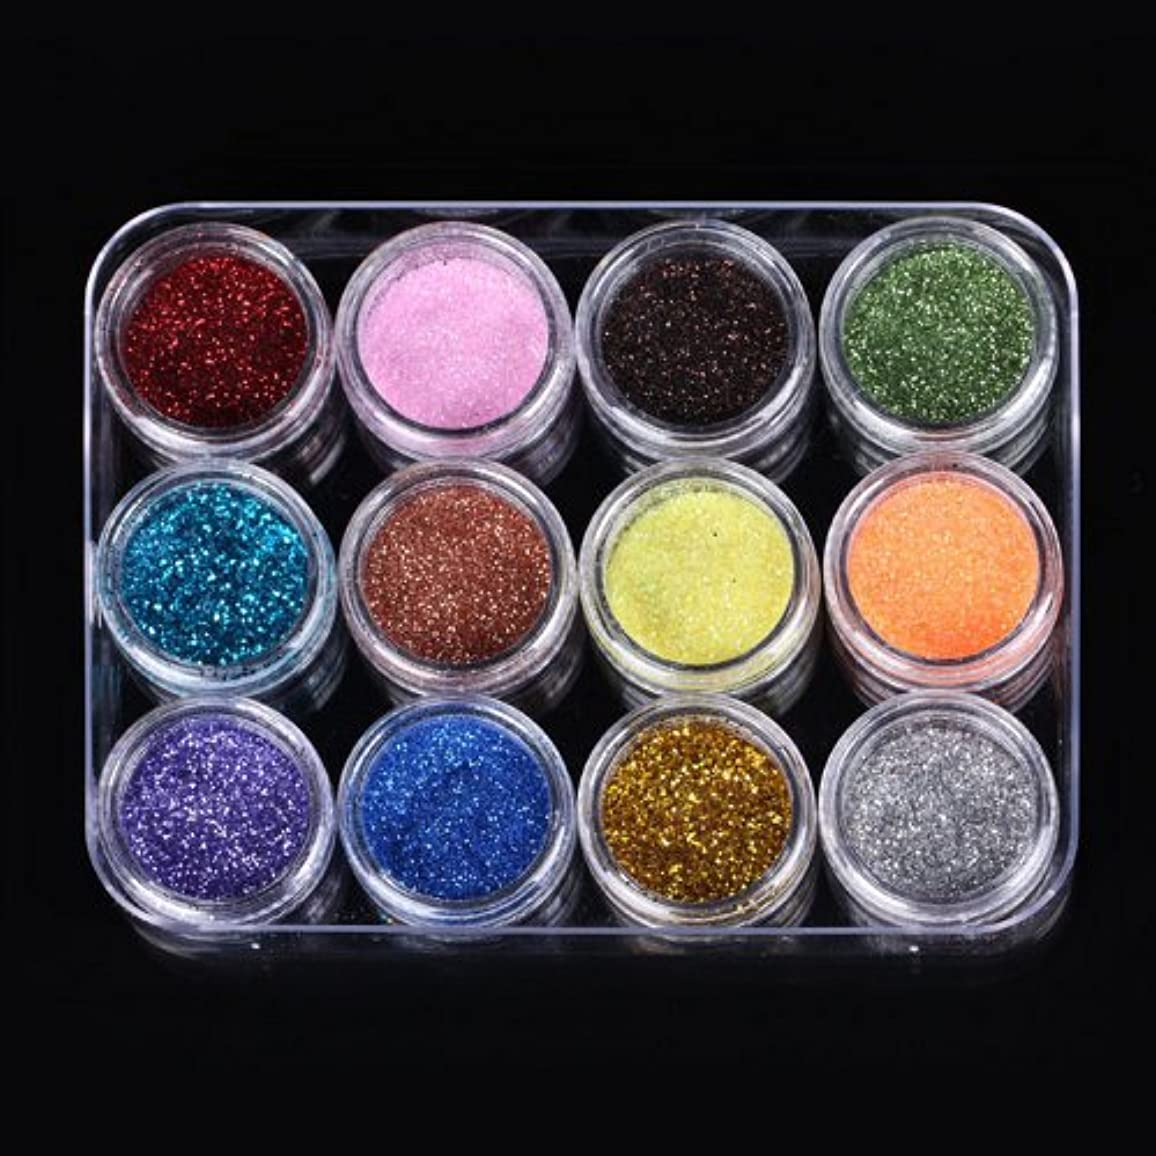 閲覧する覚えているネイル用微粒子0.3mmグリッターラメ12色セット☆ジェルネイルに◎【青】